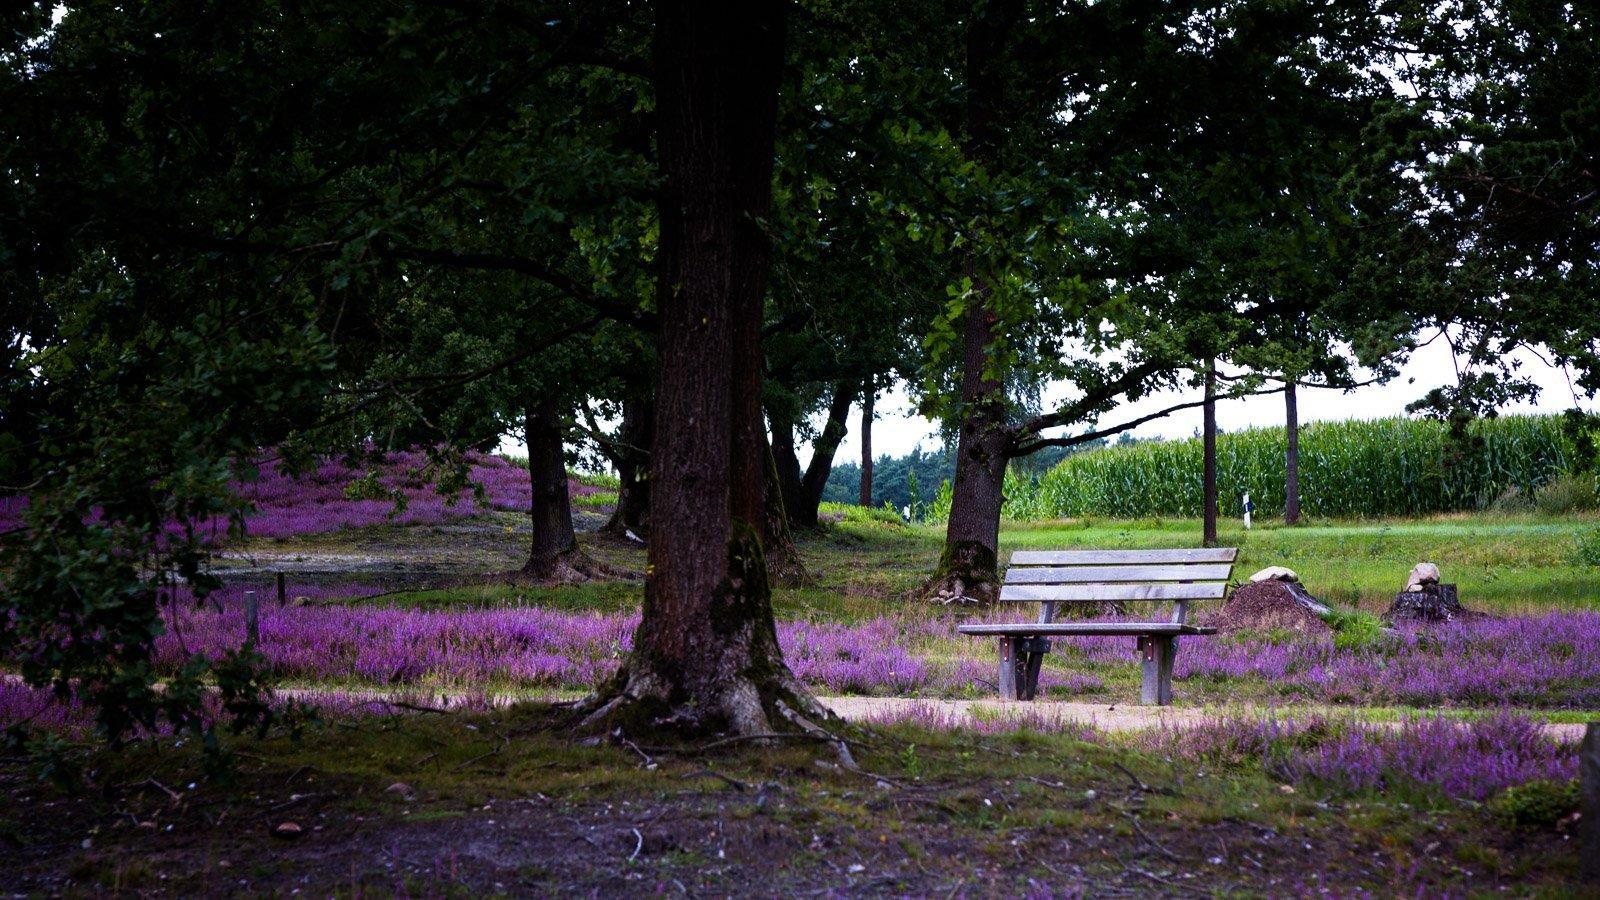 Beispiel für Landschaftsbild in der Lüneburger Heide